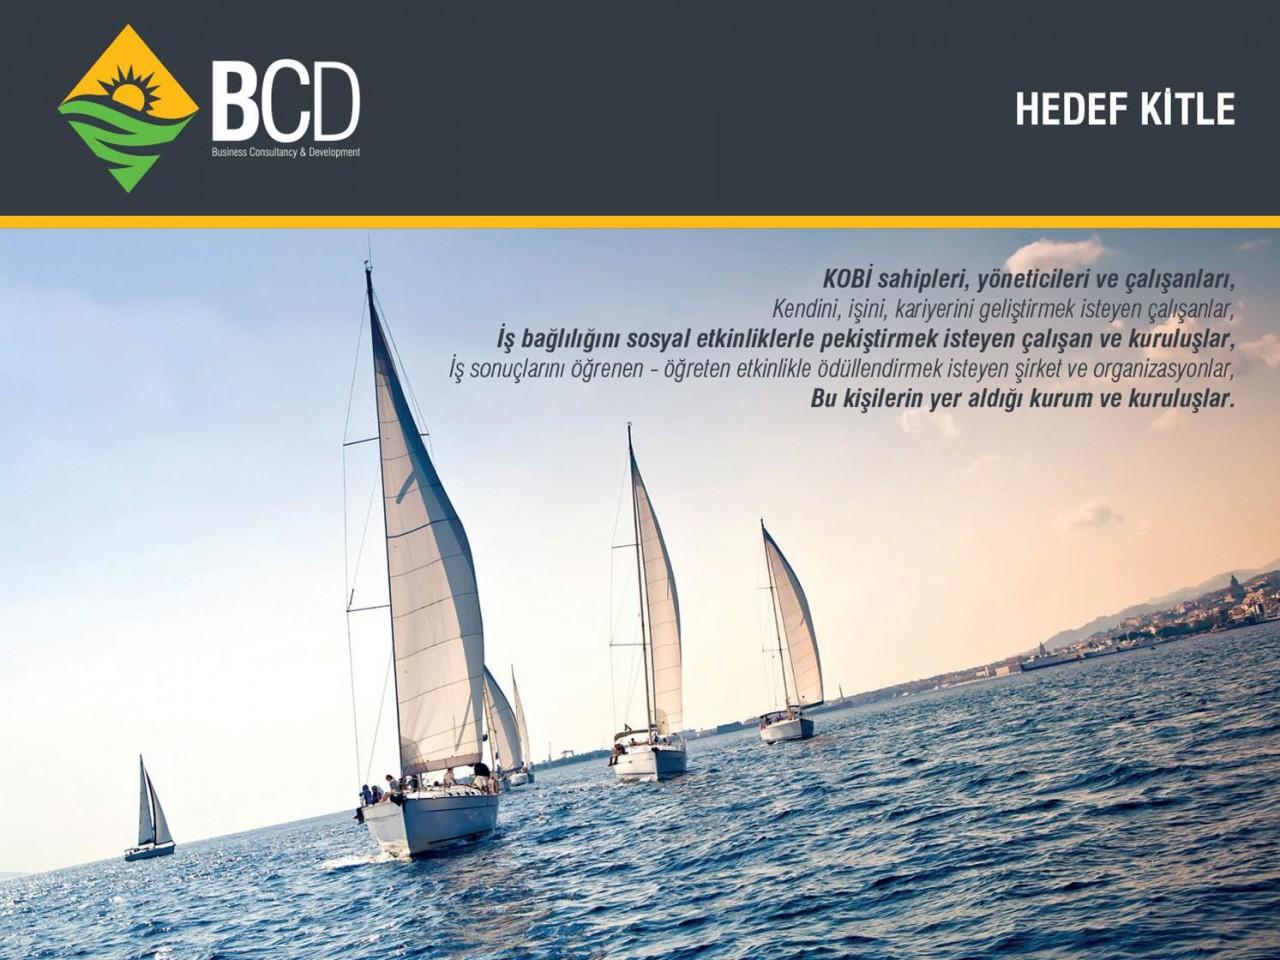 bcdturkey yelken liderlik takim ruhu 2 Yelkenli Tekne ile Liderlik ve Takım Ruhu Eğitimi